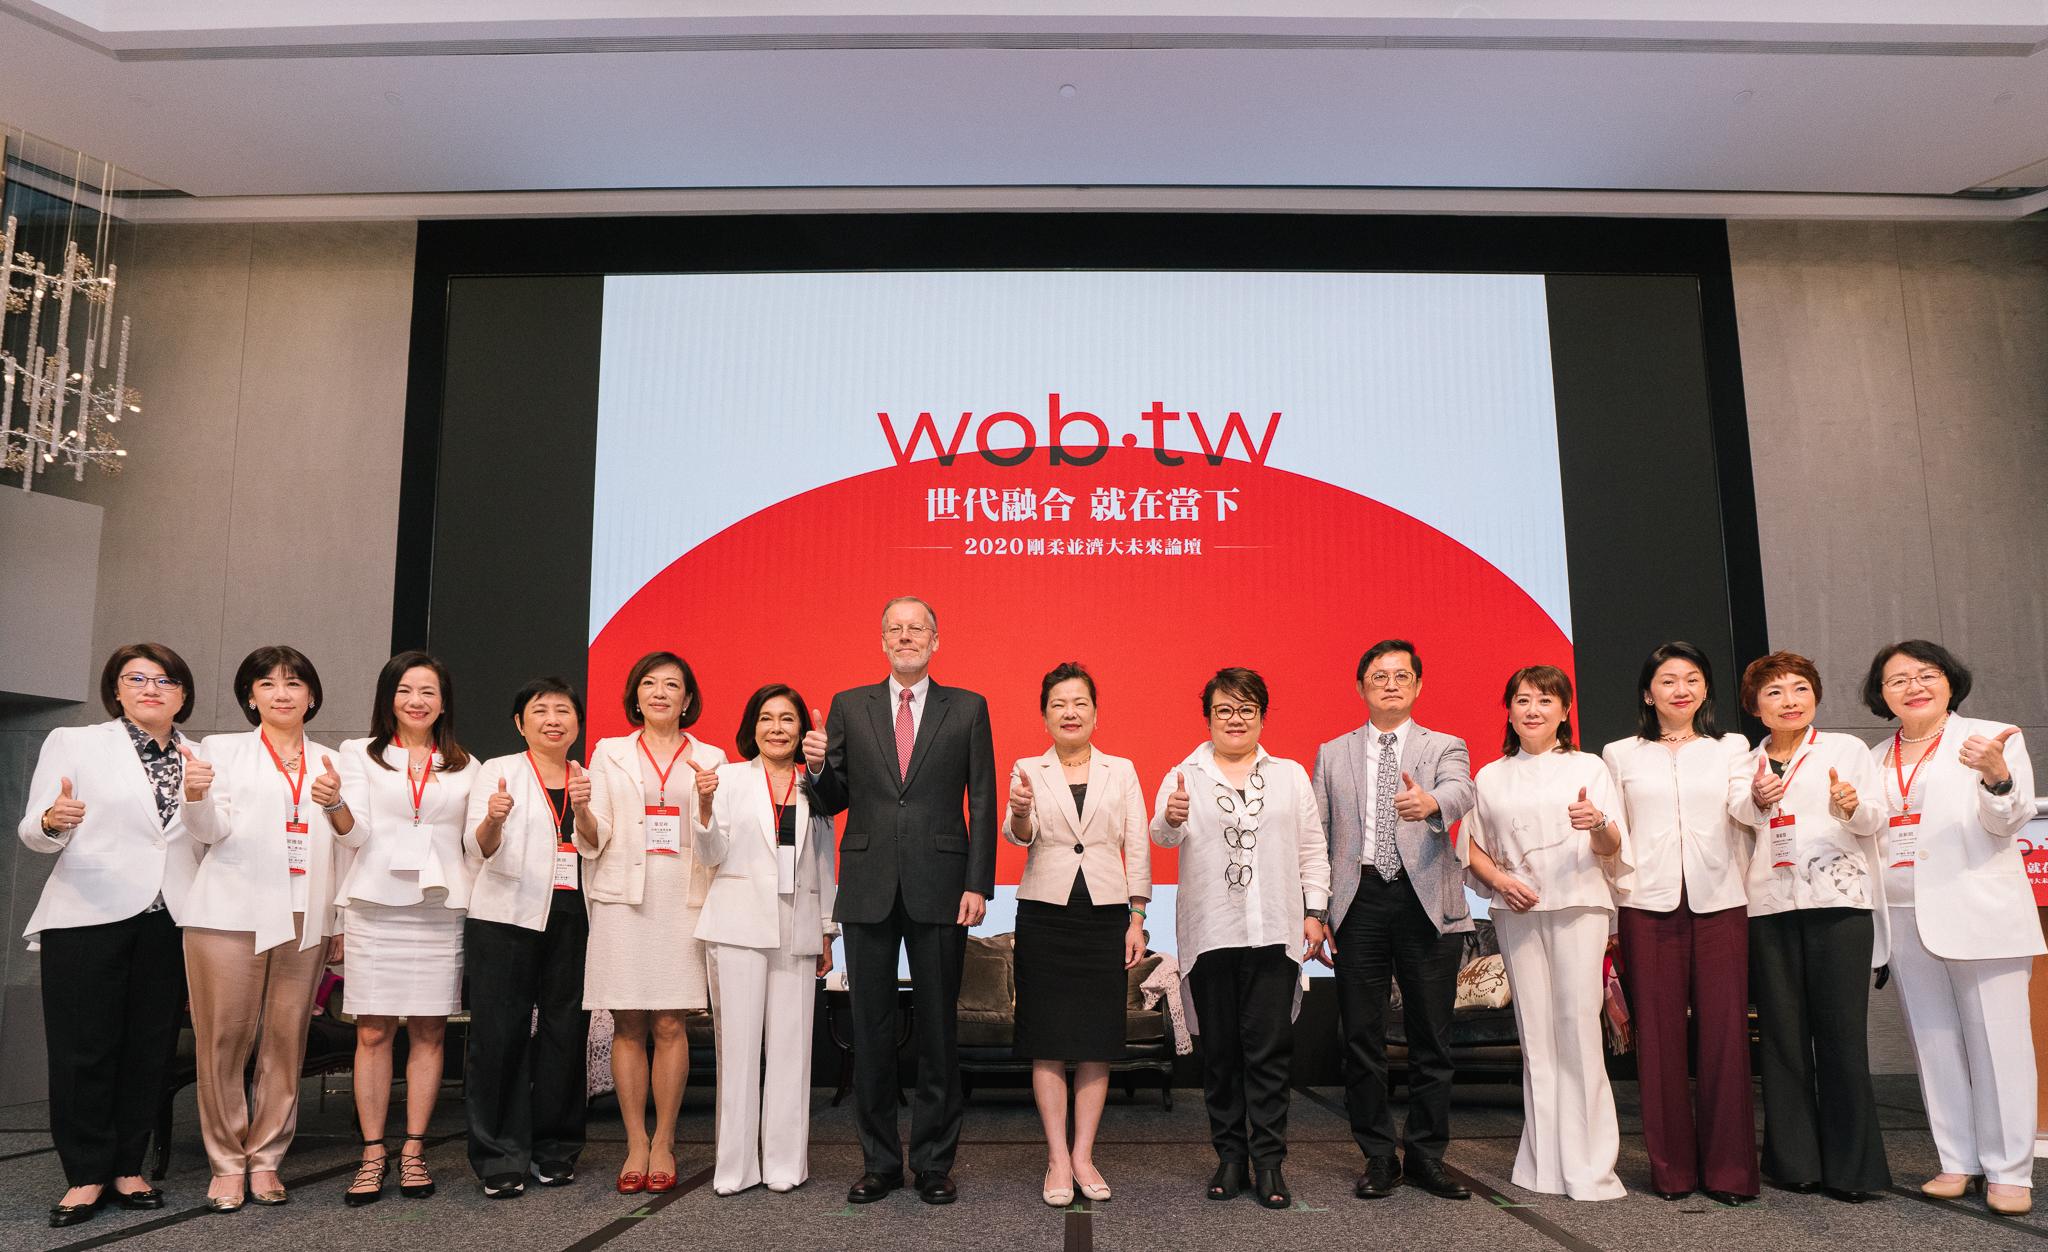 _台灣女董事協會舉辦論壇,吸引高達250位各產業傑出女性領導者到場_0904